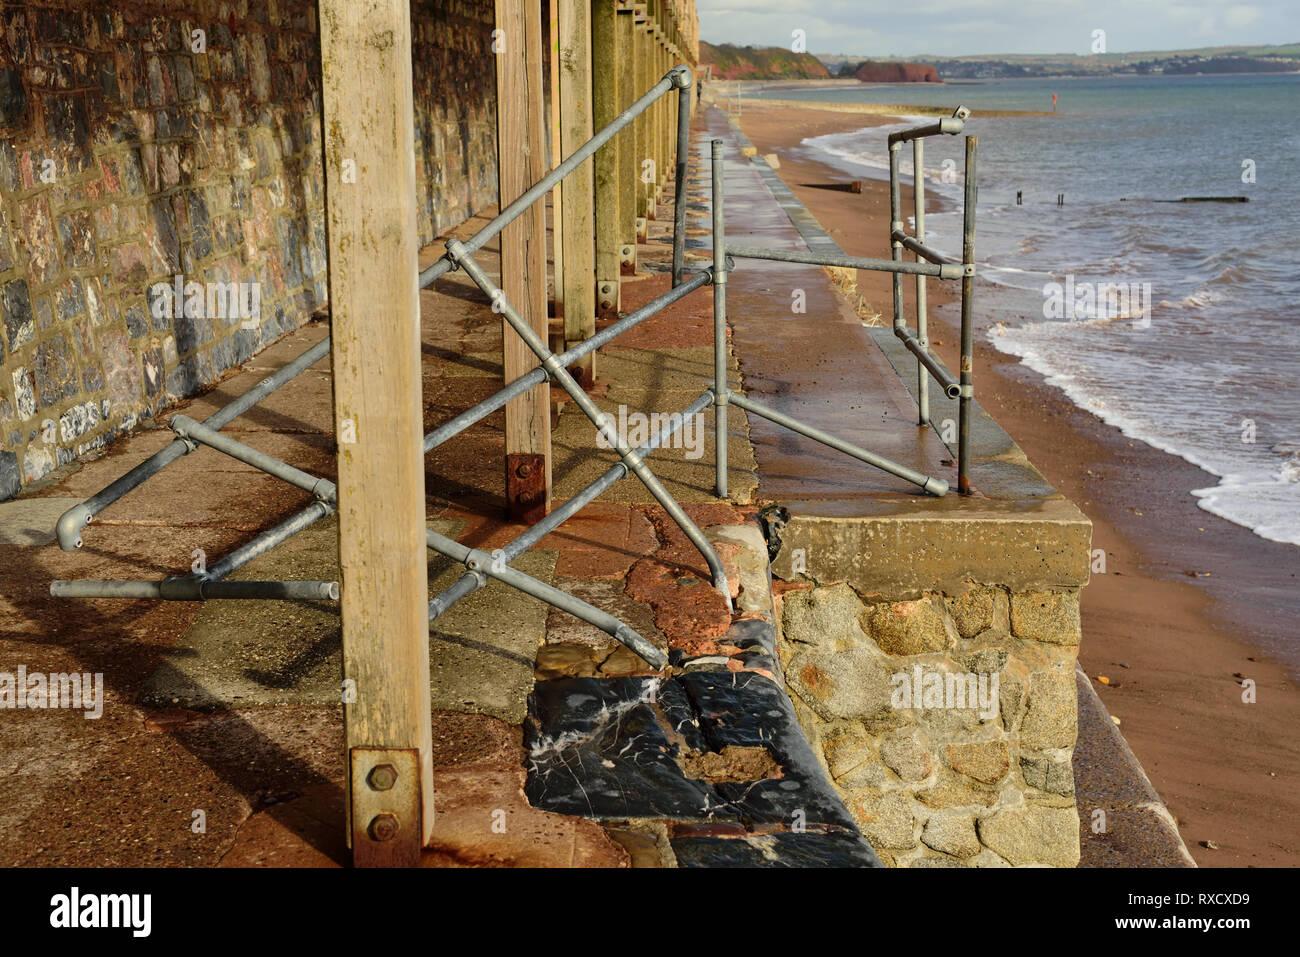 Damaged railings along the sea wall at Dawlish. - Stock Image